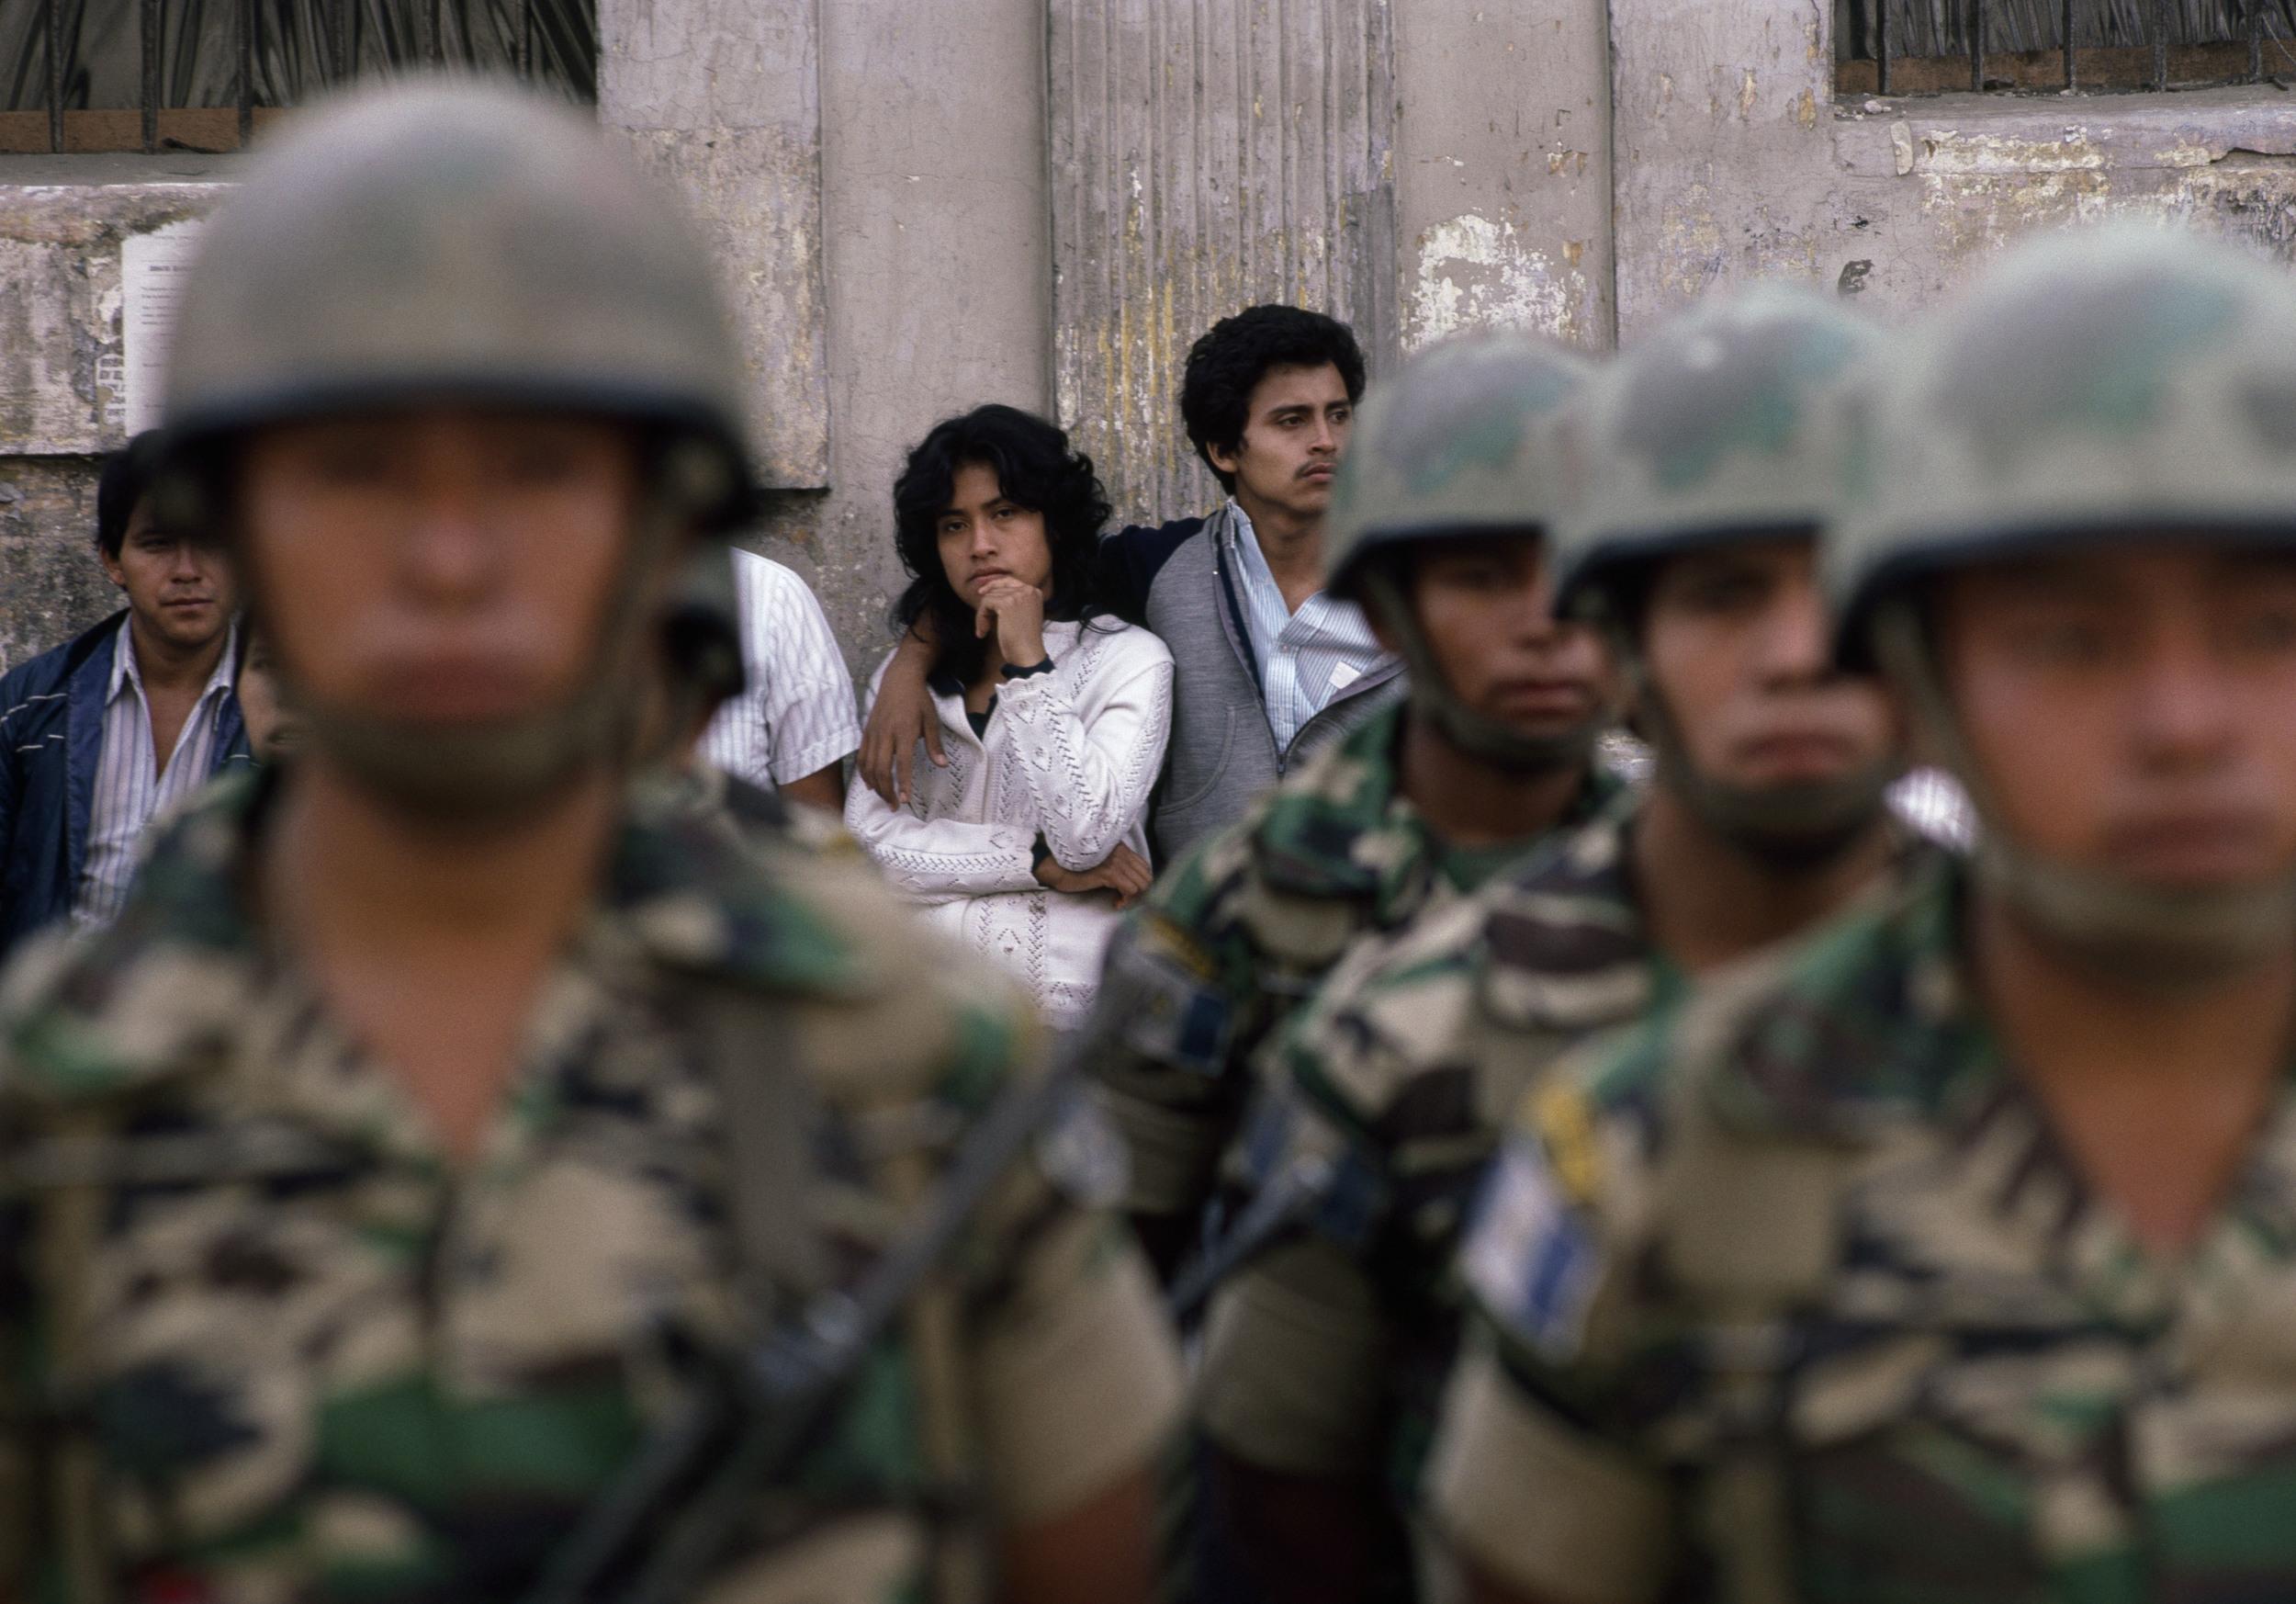 couple behind troops.jpg